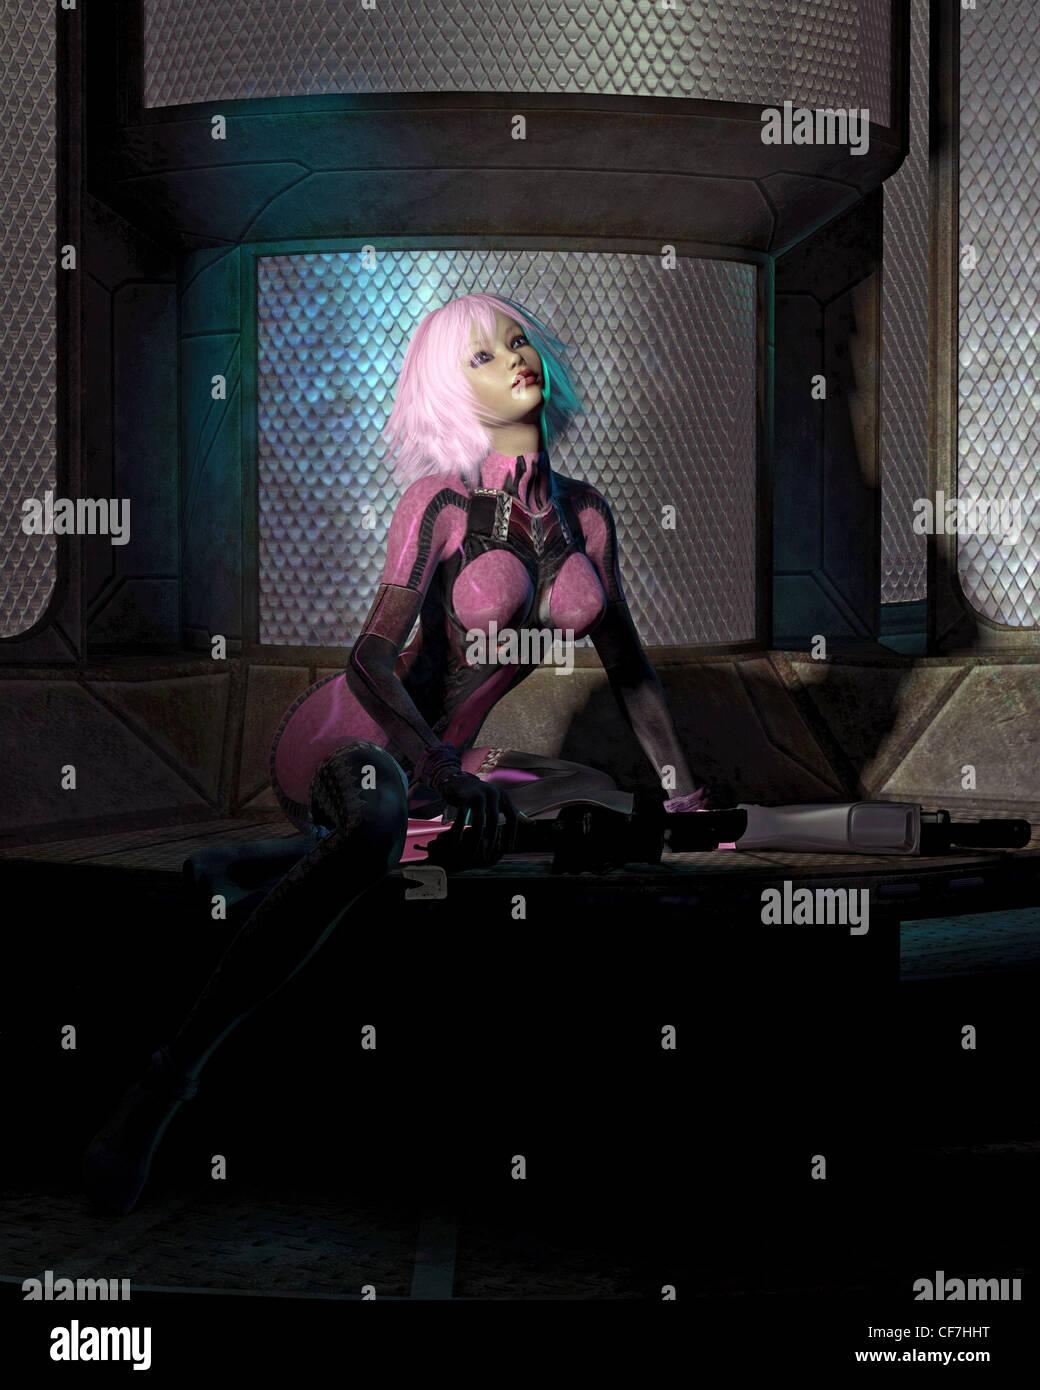 Science Fiction Catsuit Mädchen in einem dunklen Raum Stockbild